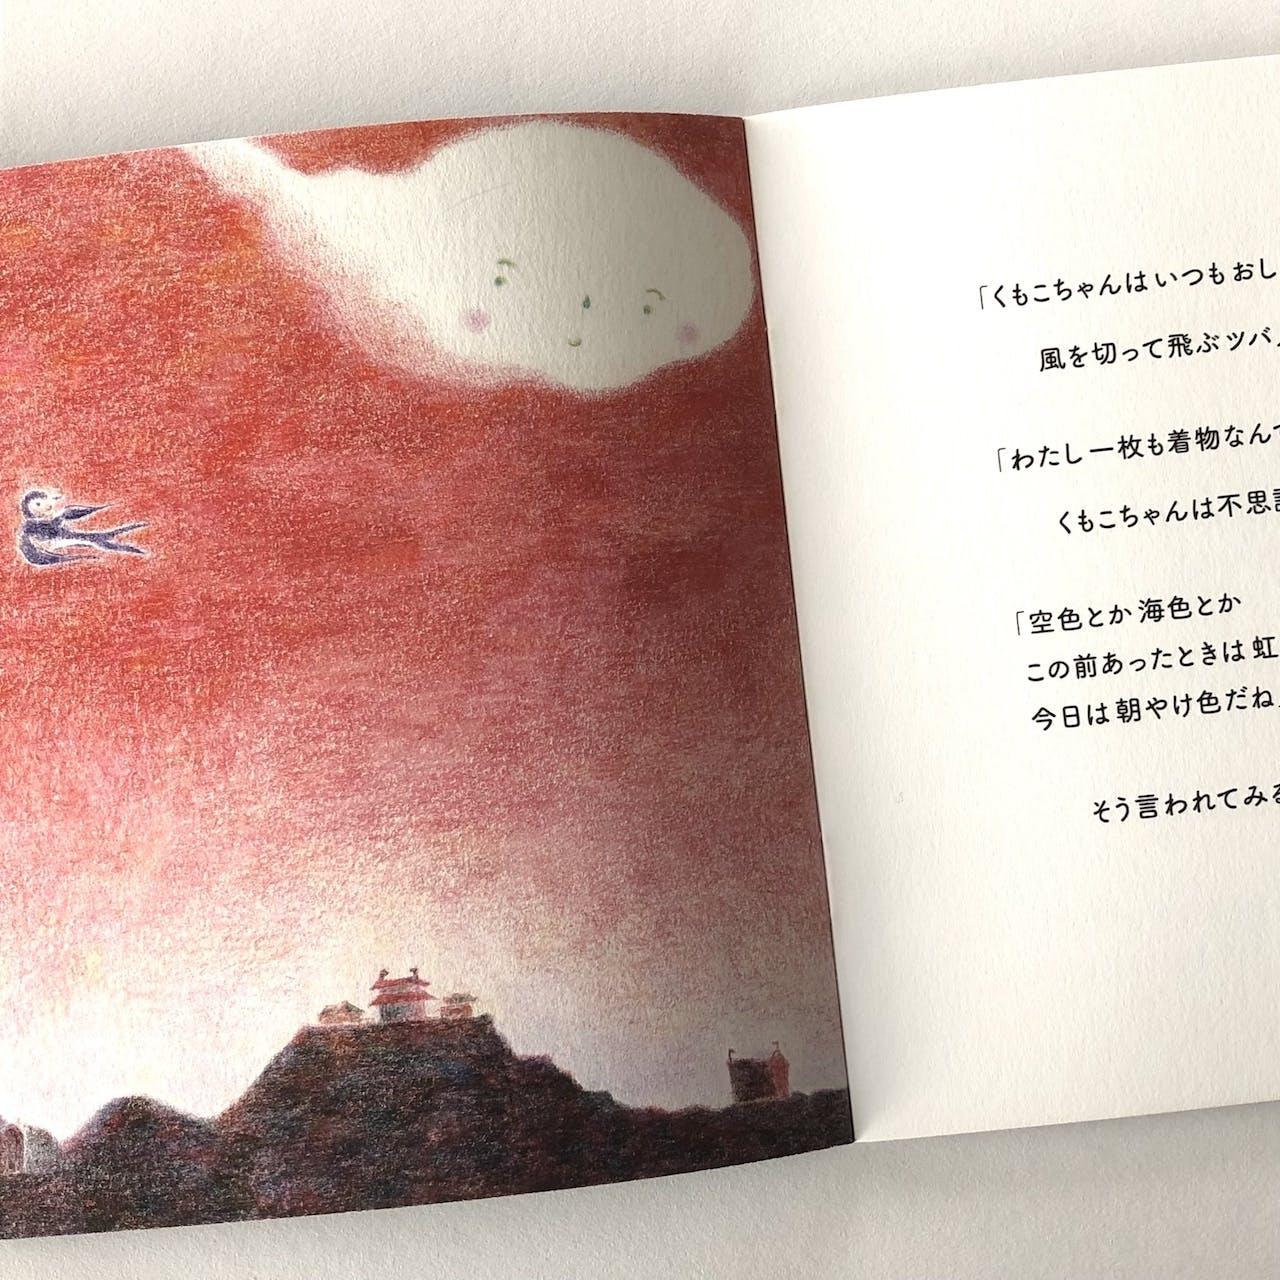 絵本『くもこちゃん』七月堂